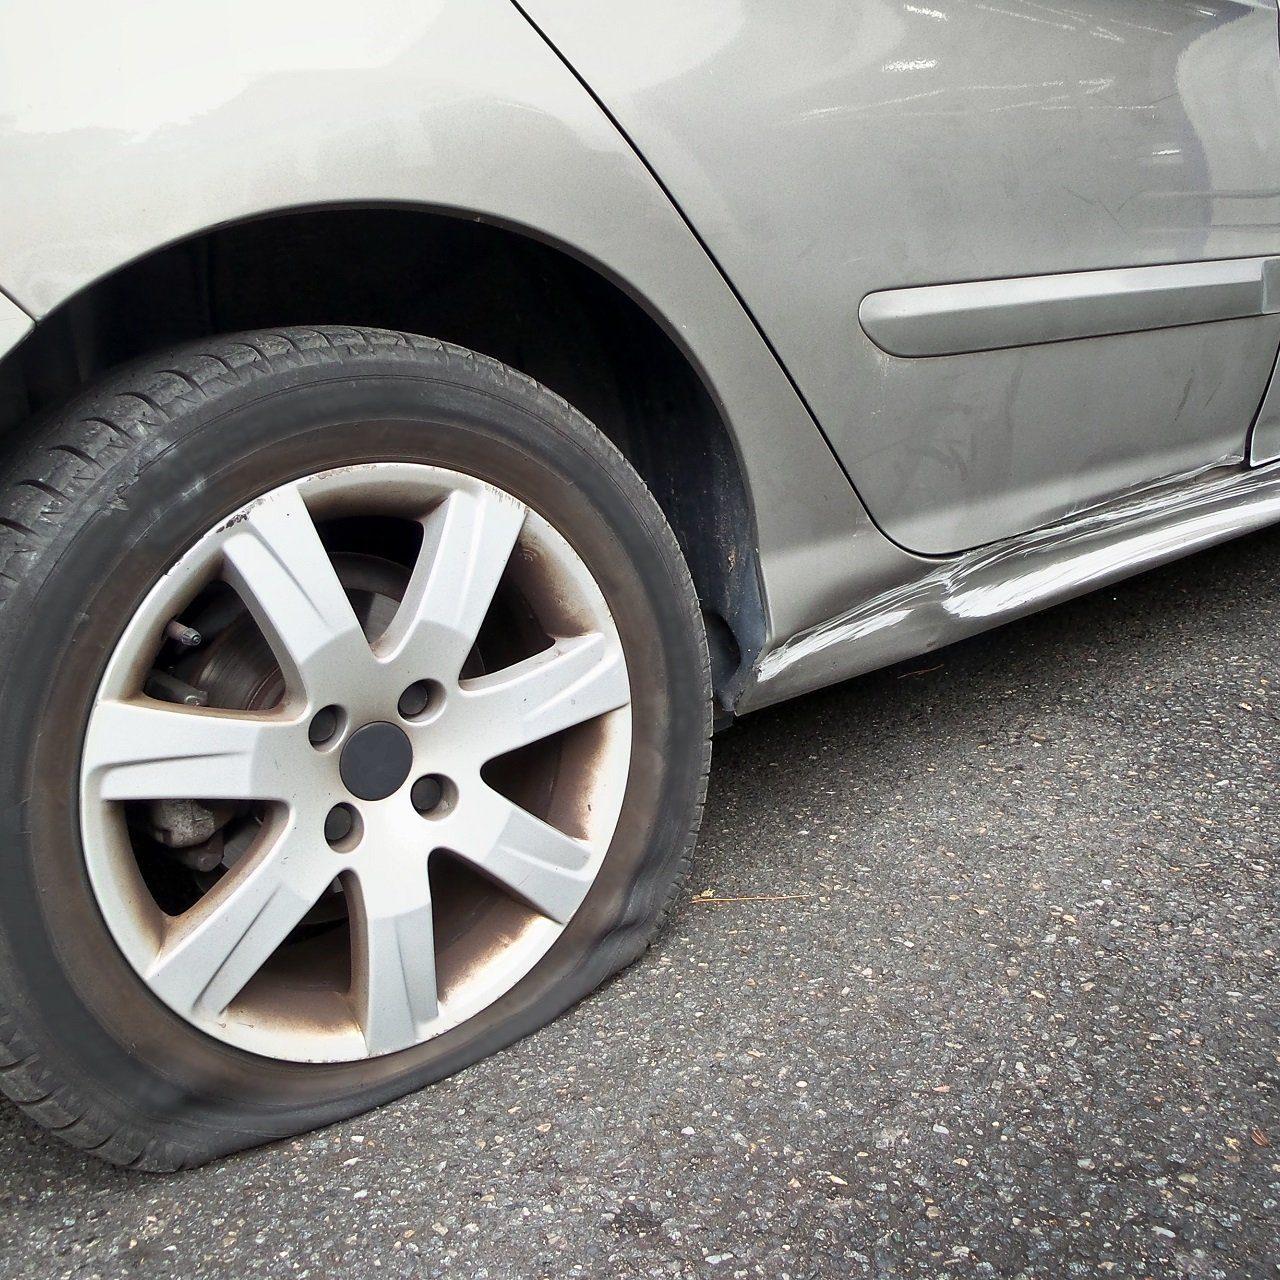 Reparation de pneu crevé - remorquage mirabel